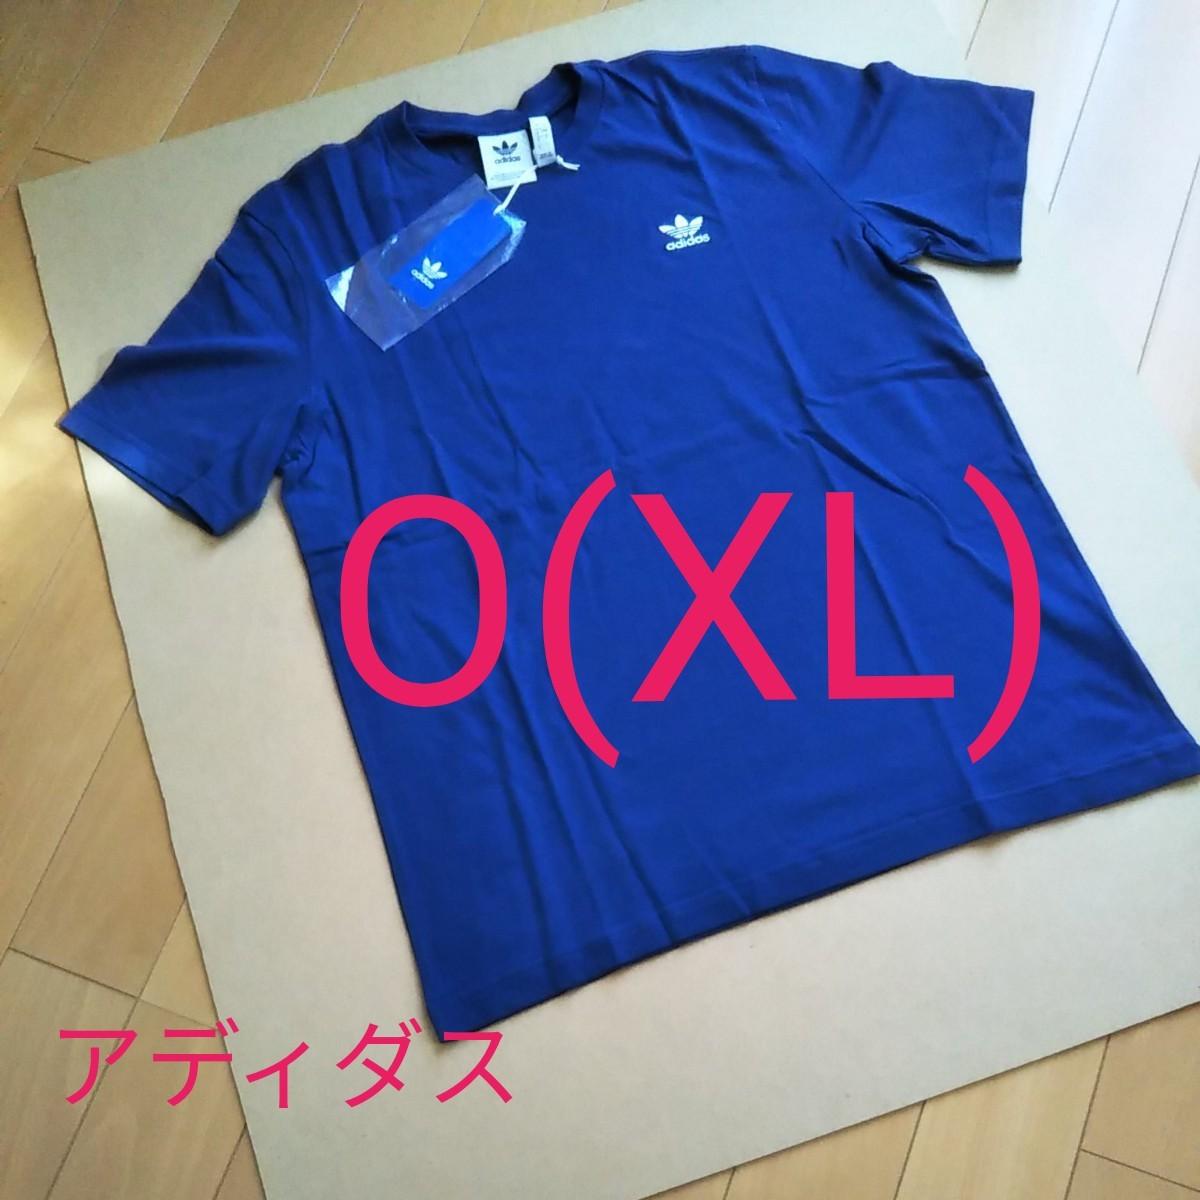 アディダス O(XL)トレフォイル エッセンシャルズ 半袖 Tシャツ ⑫